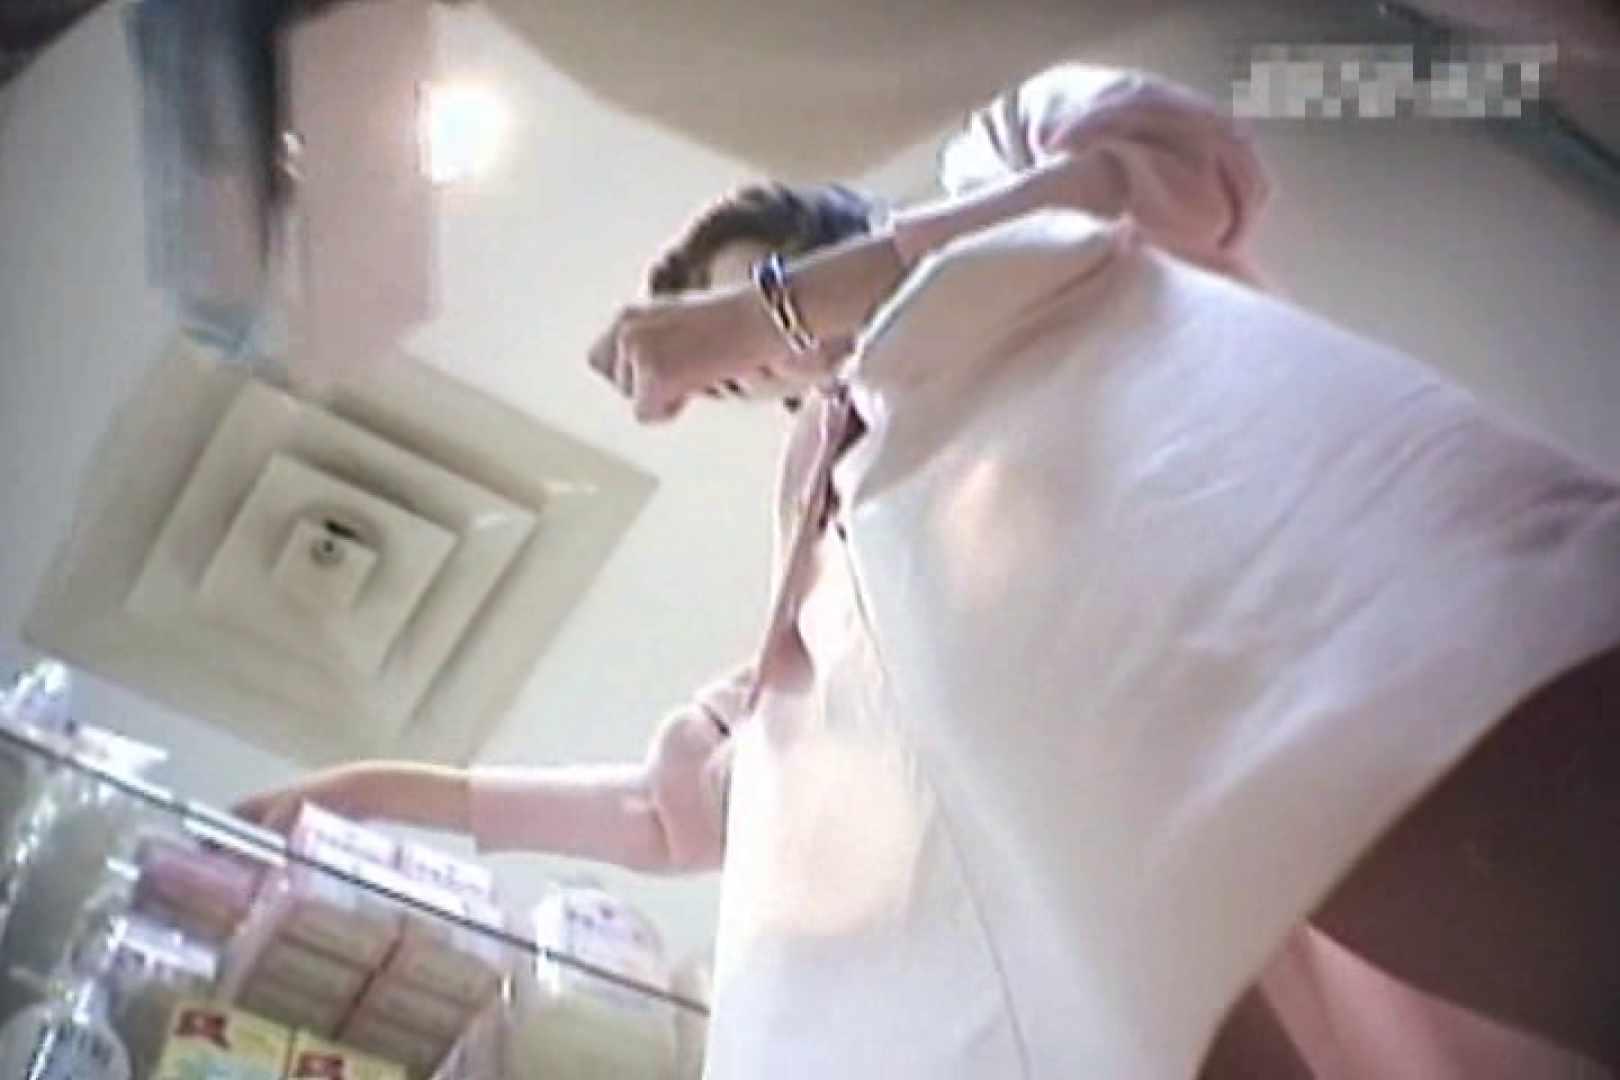 デパートローアングル徘徊 靴カメ盗撮Vol.11 盗撮特集 おまんこ無修正動画無料 99画像 7